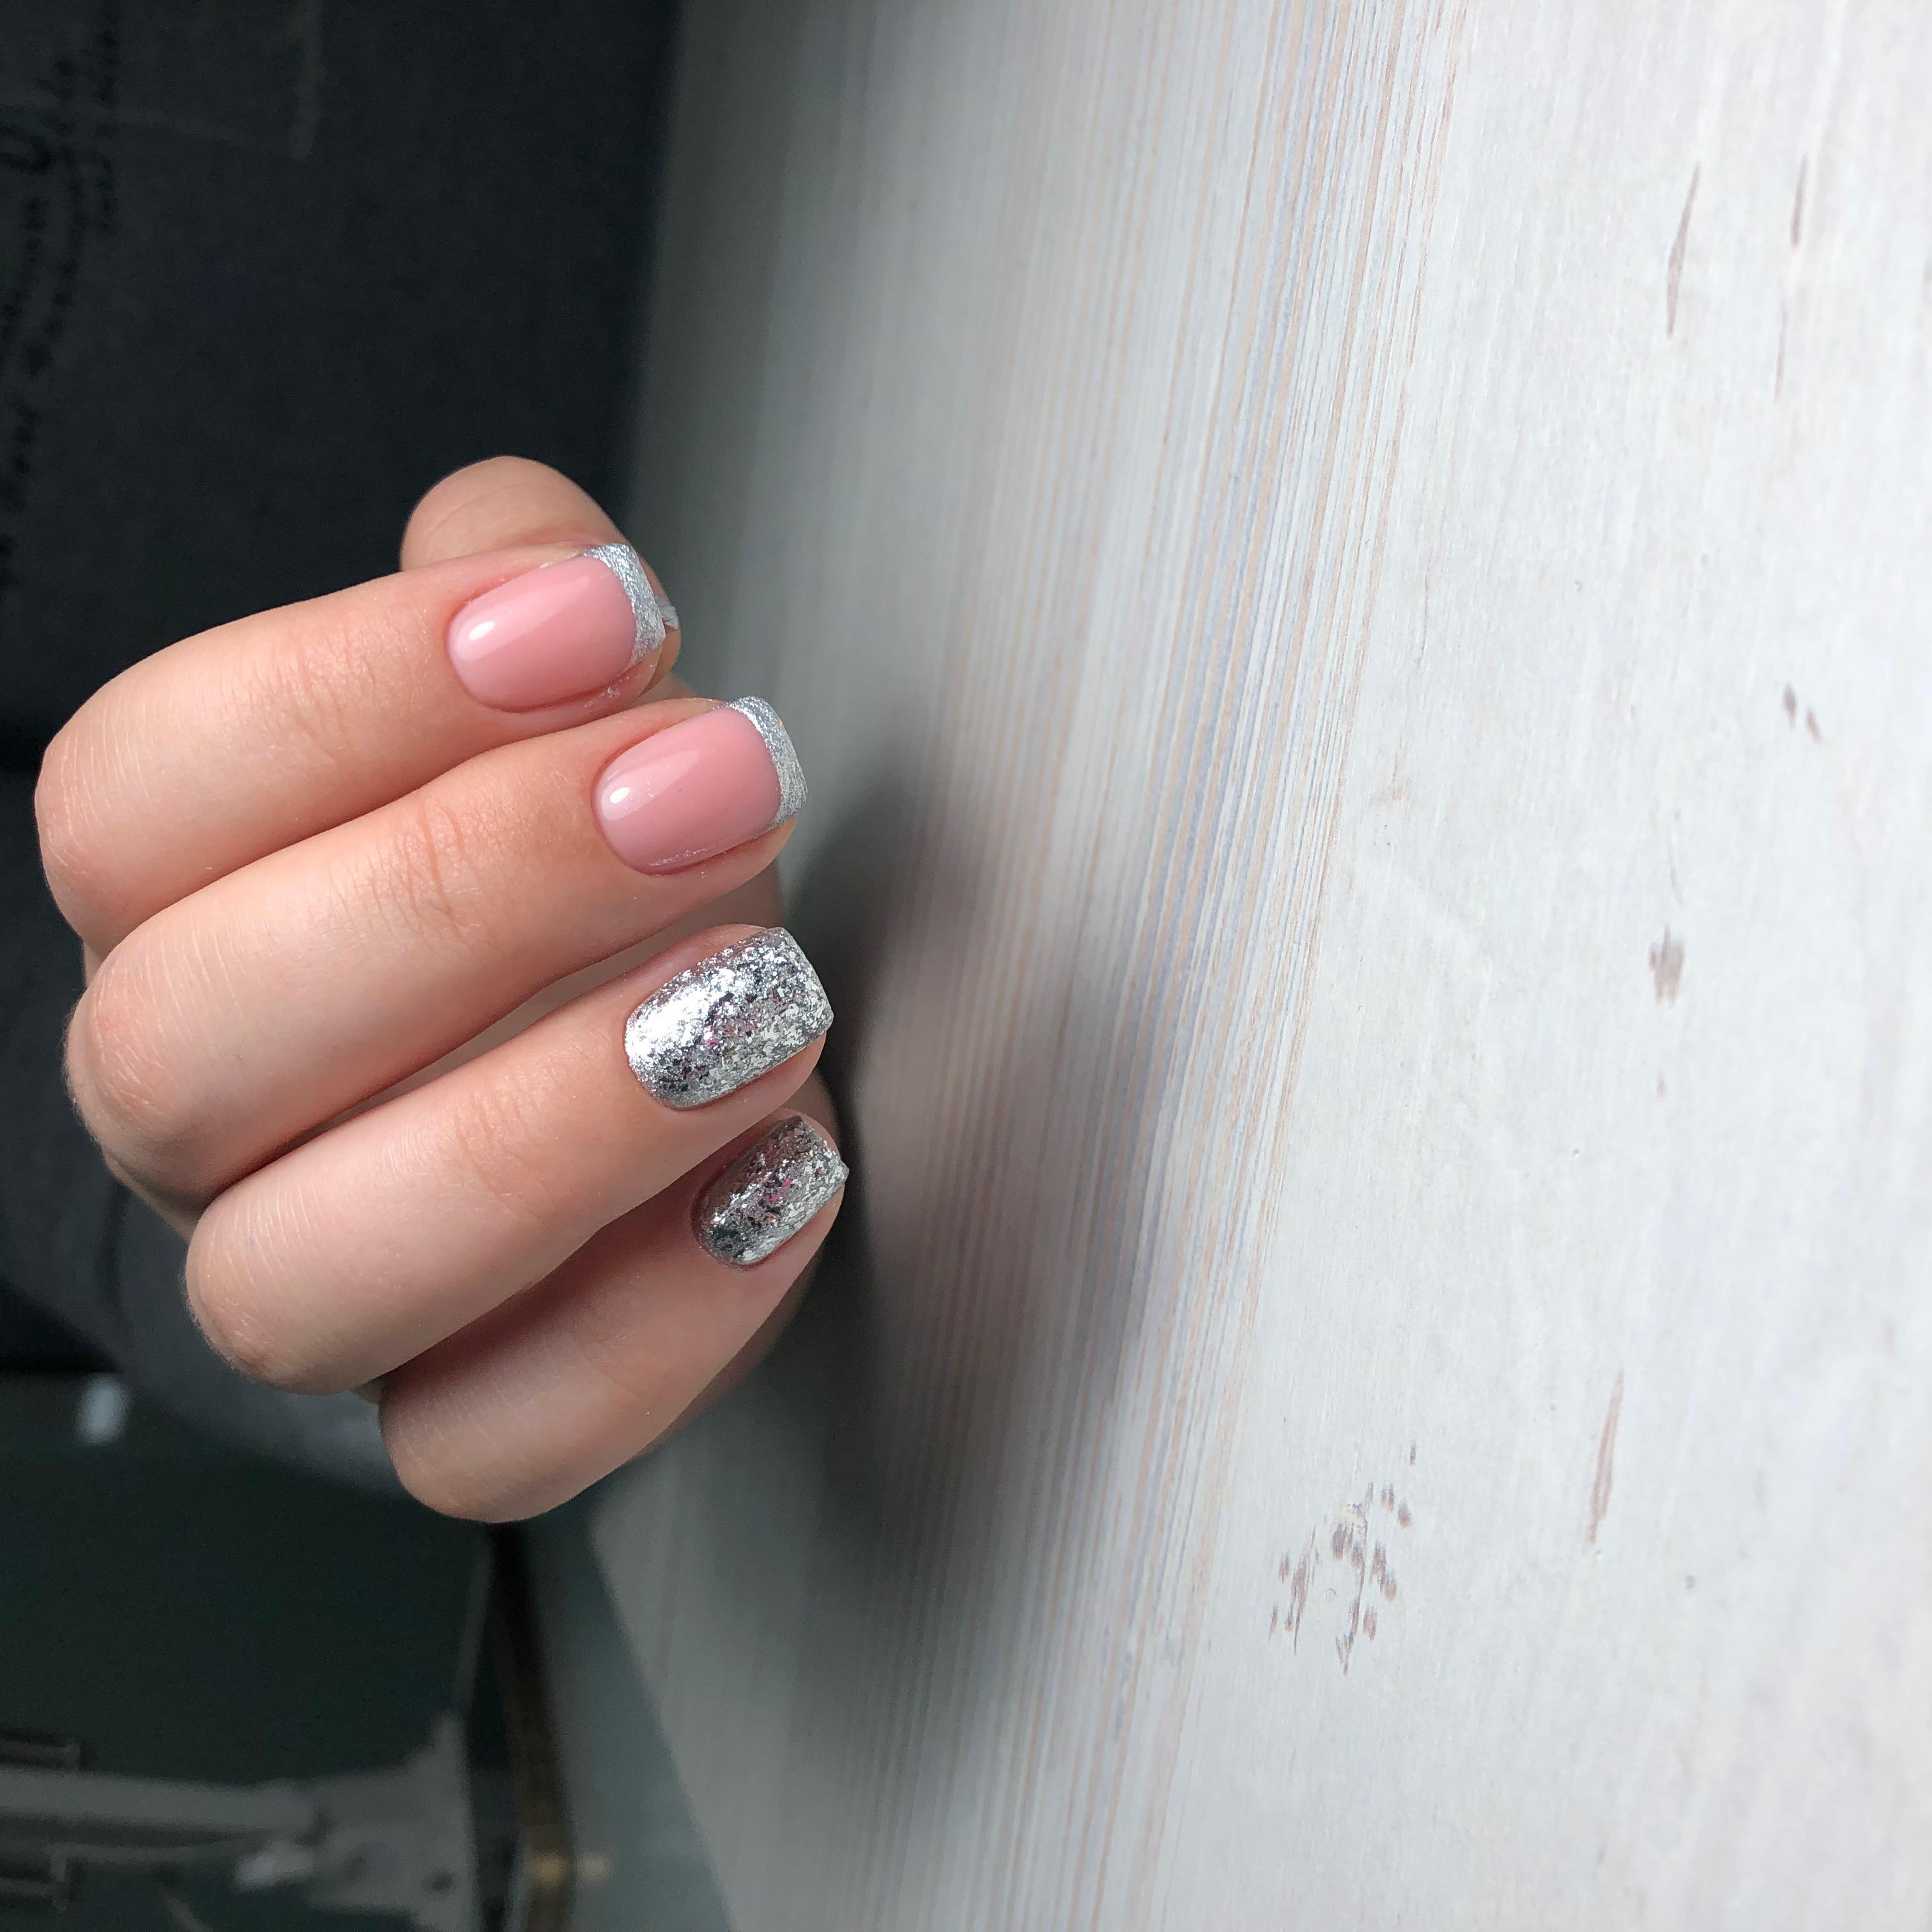 Френч с серебряными камифубуки на короткие ногти.